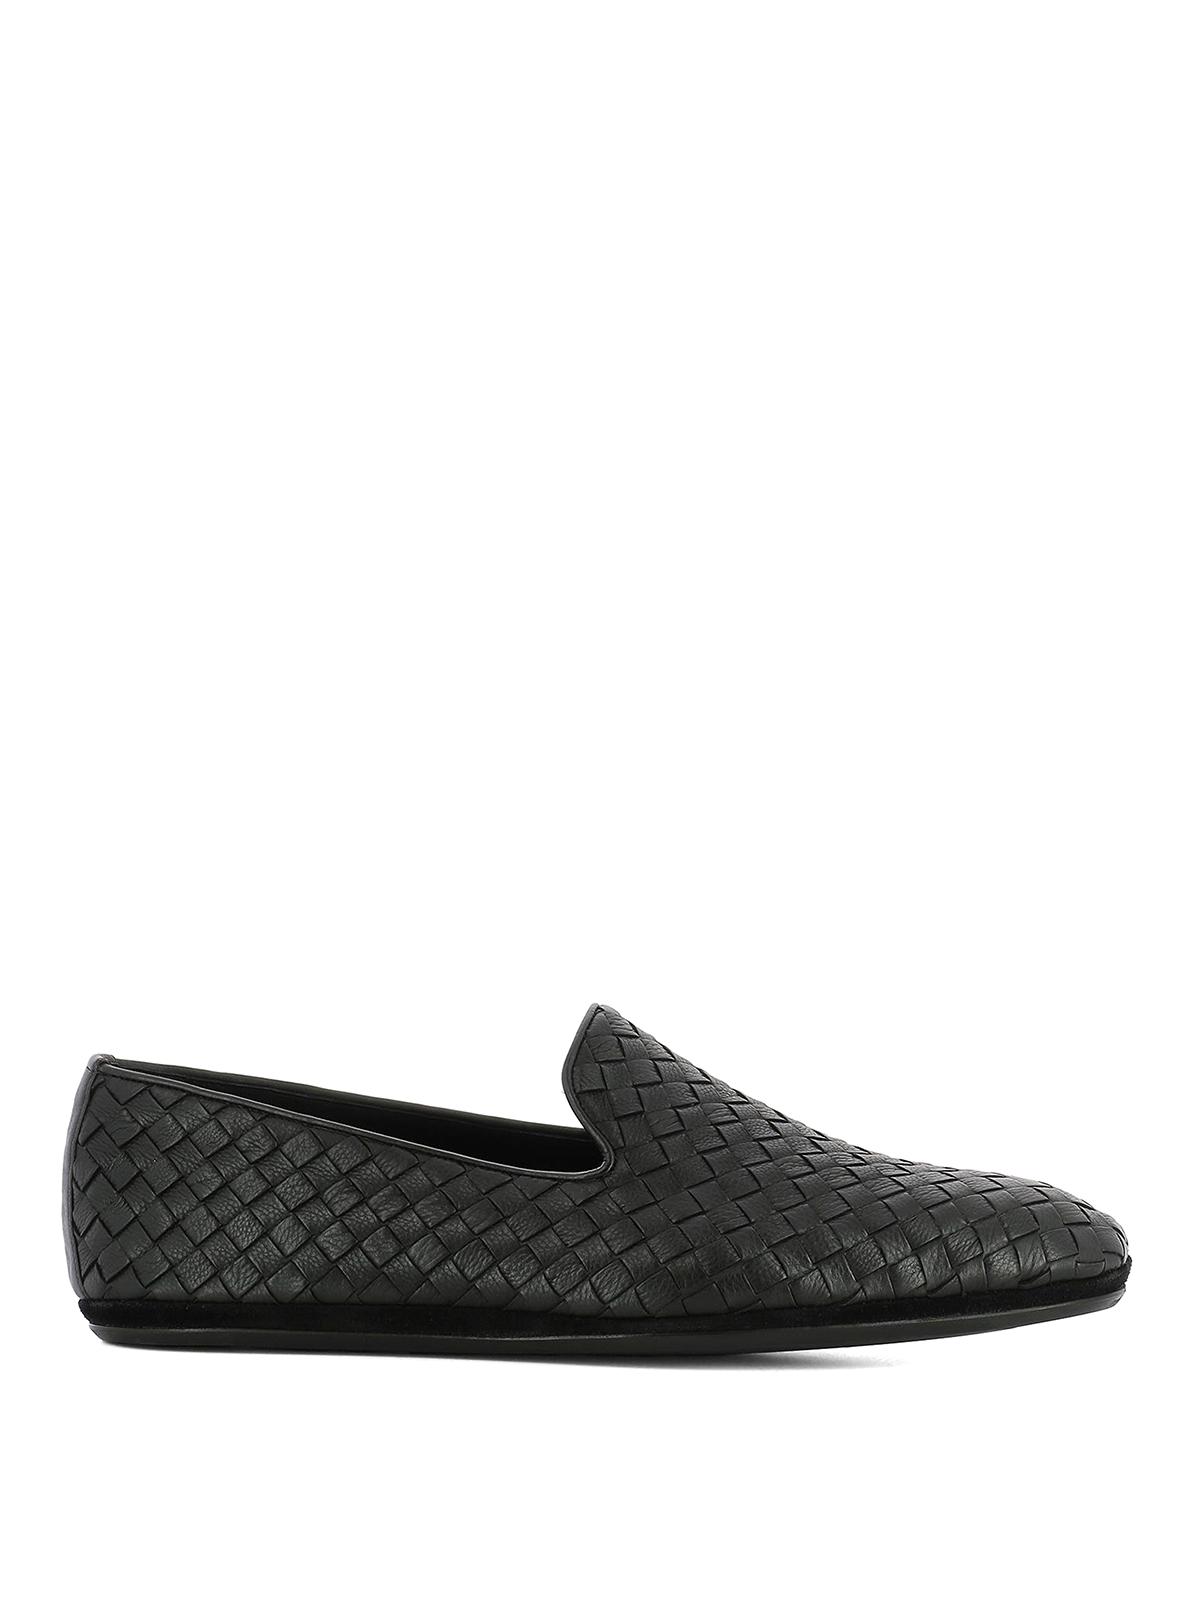 Alexander McQueen Black Intrecciato Loafers gzF9m4YUM